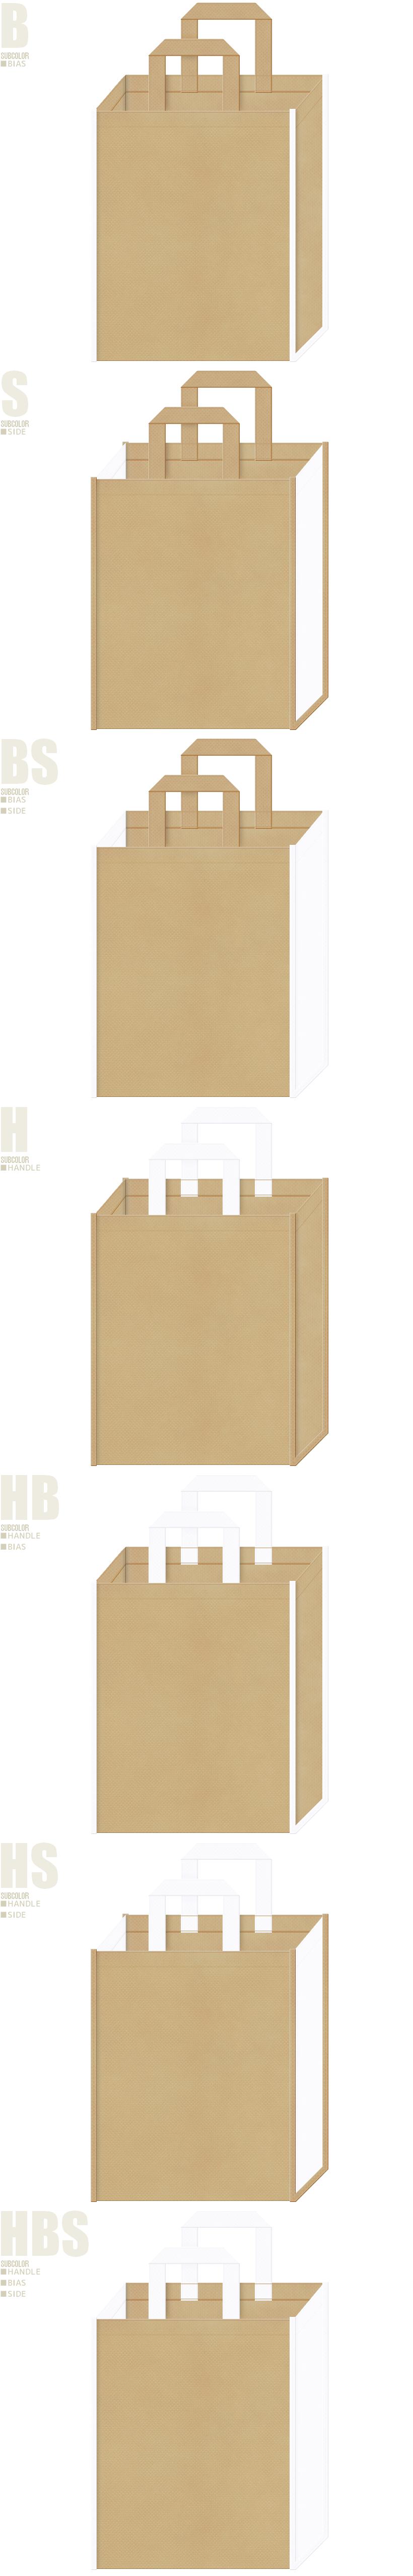 カーキ色と白色、7パターンの不織布トートバッグ配色デザイン例。